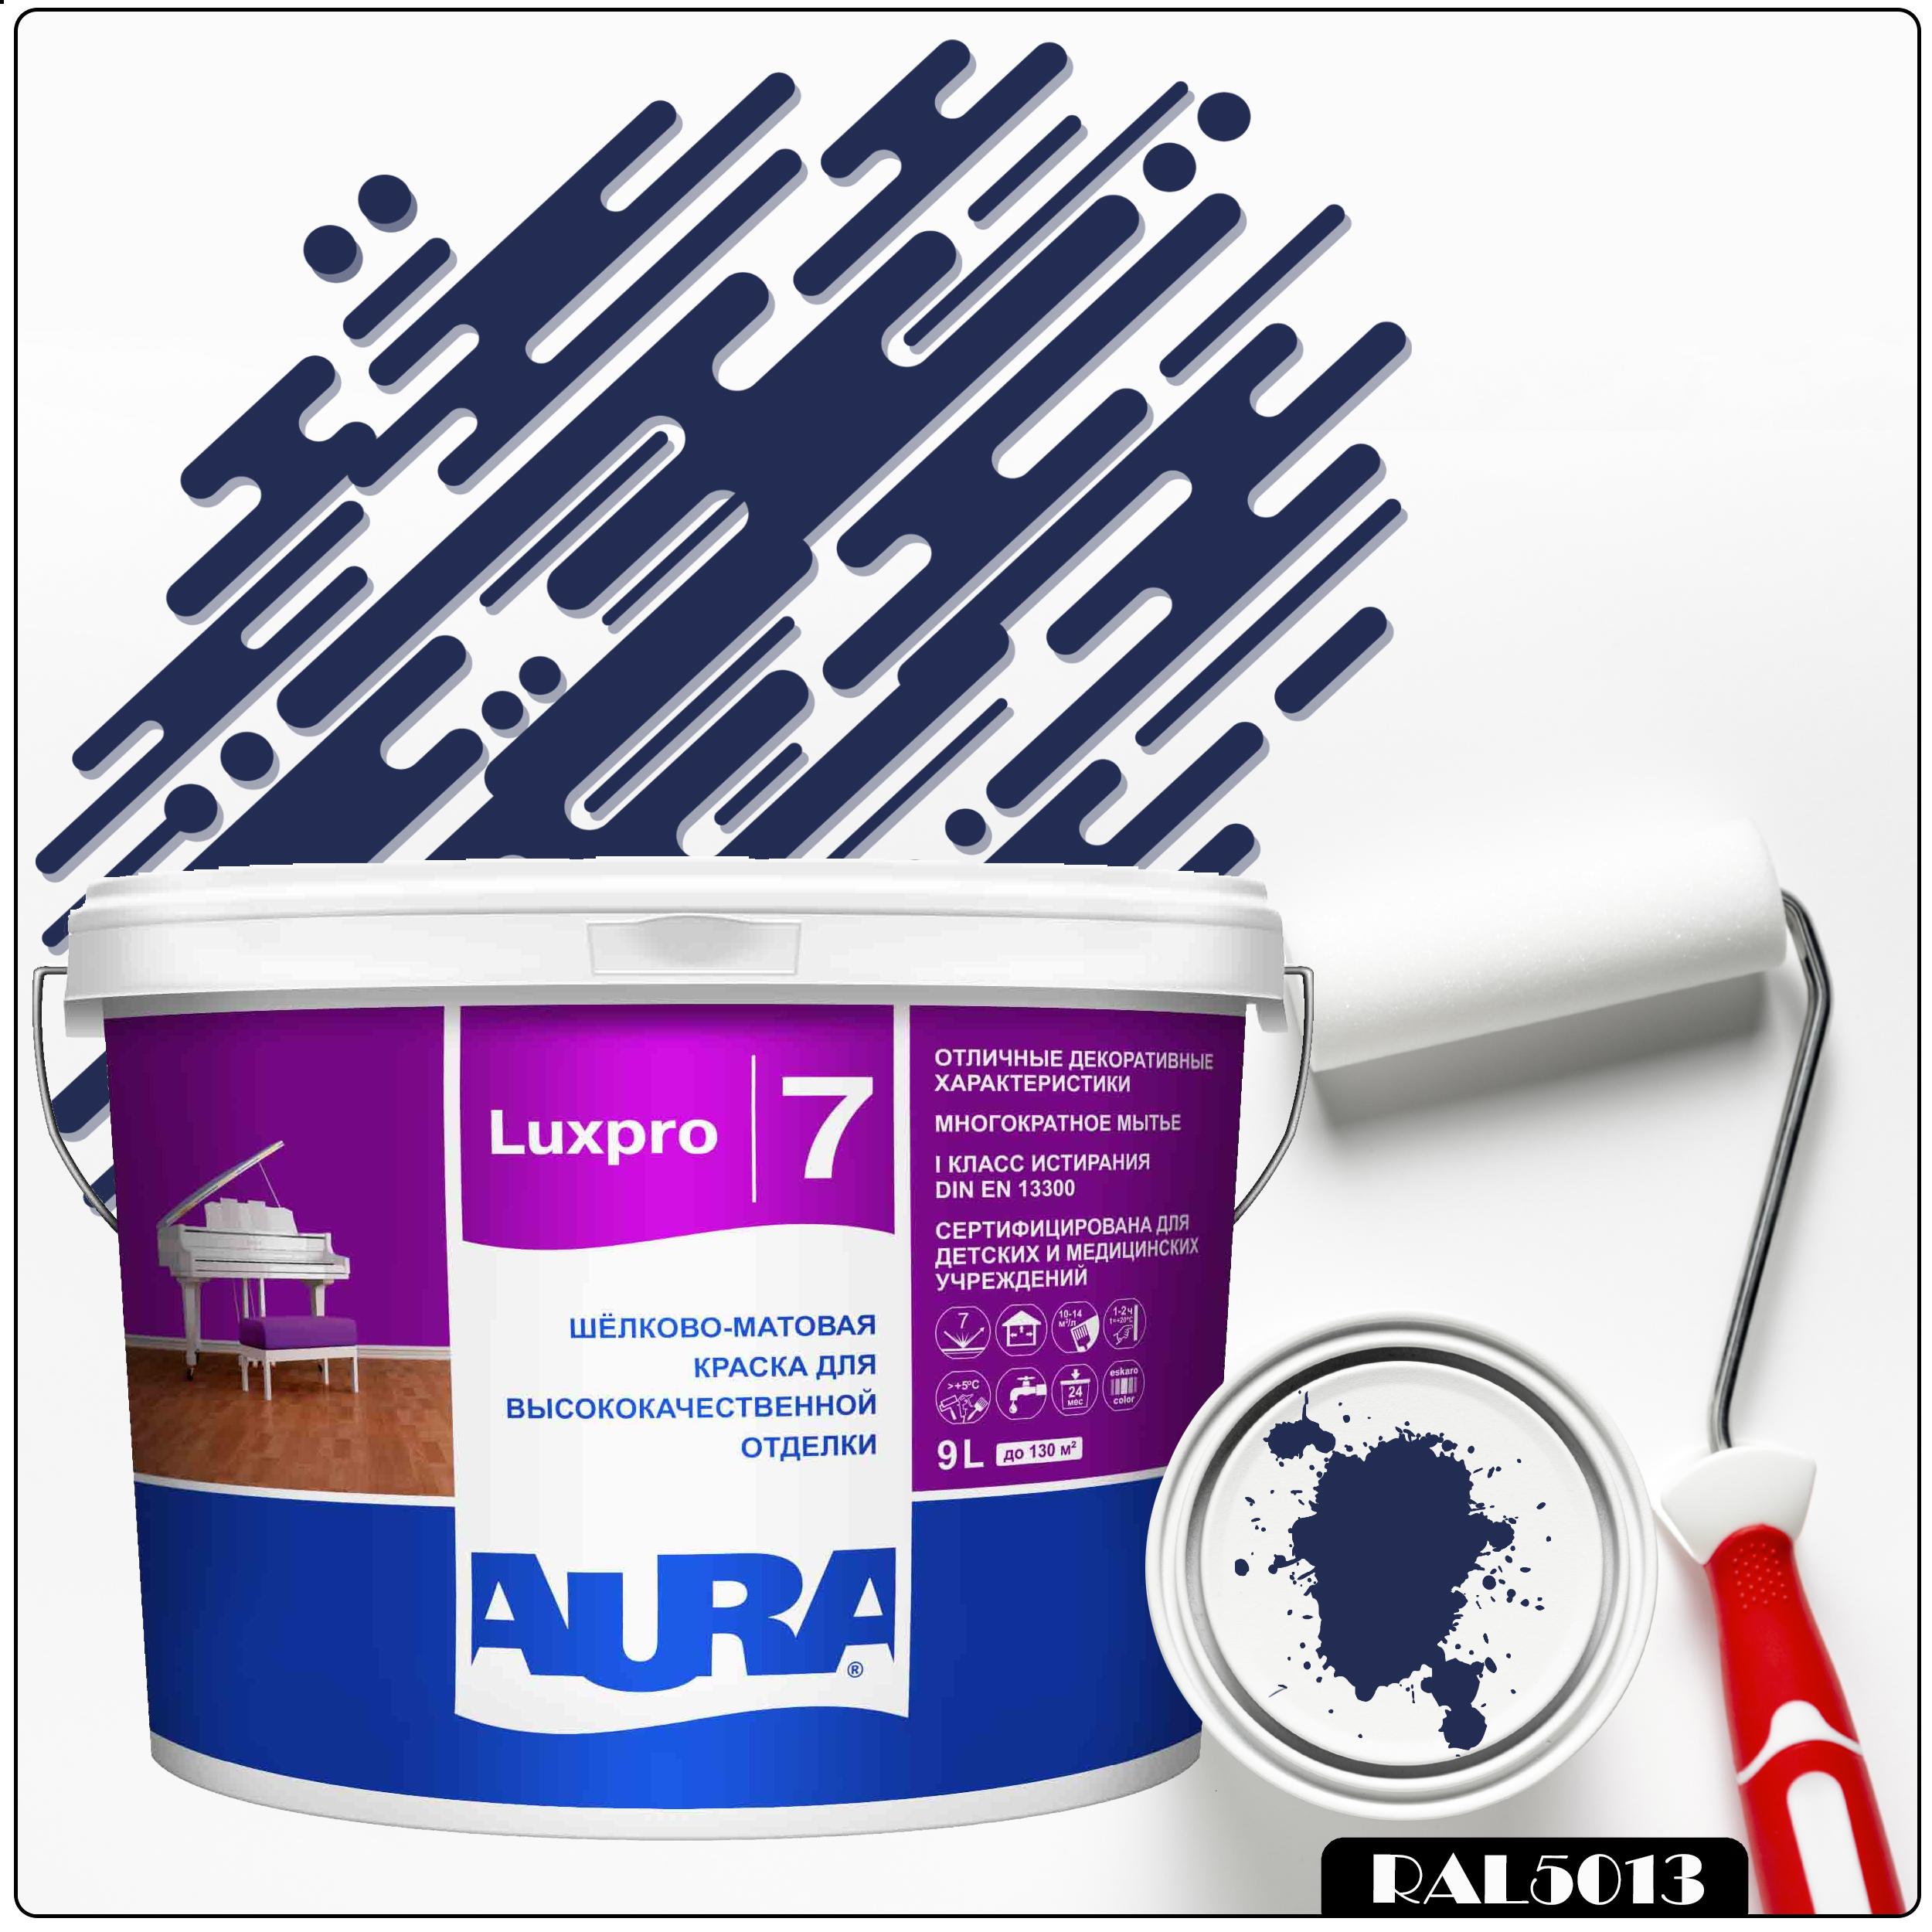 Фото 13 - Краска Aura LuxPRO 7, RAL 5013 Кобальтово-синий, латексная, шелково-матовая, интерьерная, 9л, Аура.